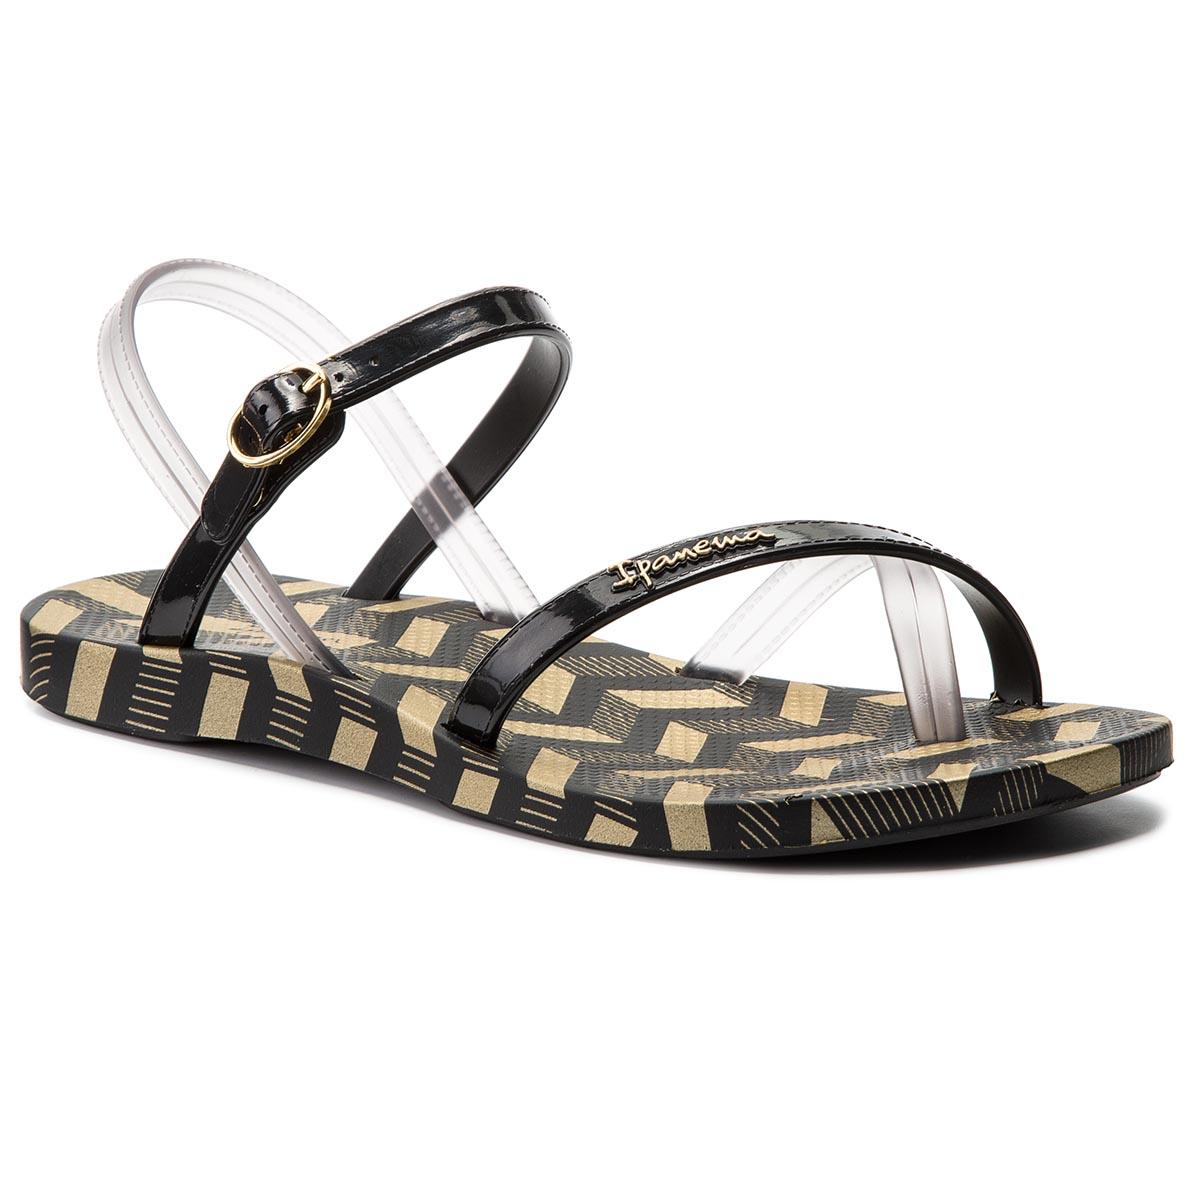 db6d7cbb4 Sandále IPANEMA - Fashion Sand. V Fem 82291 Black/Smoke 22155 - Glami.sk